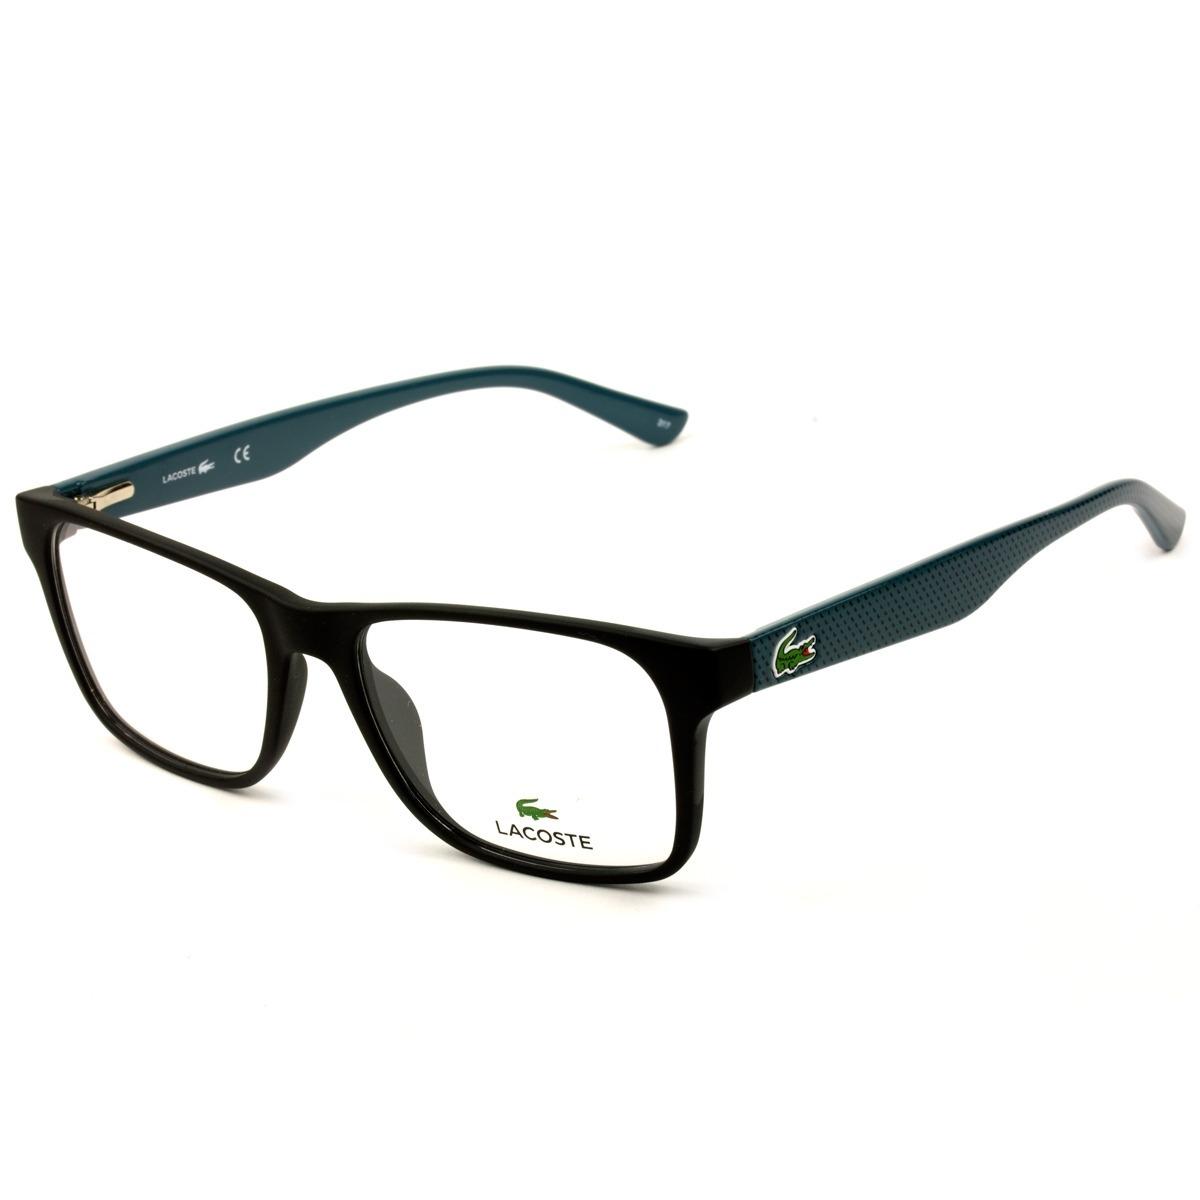 a6dd4644c85a7 Armação Óculos De Grau Lacoste L2741 004 - R  479,00 em Mercado Livre